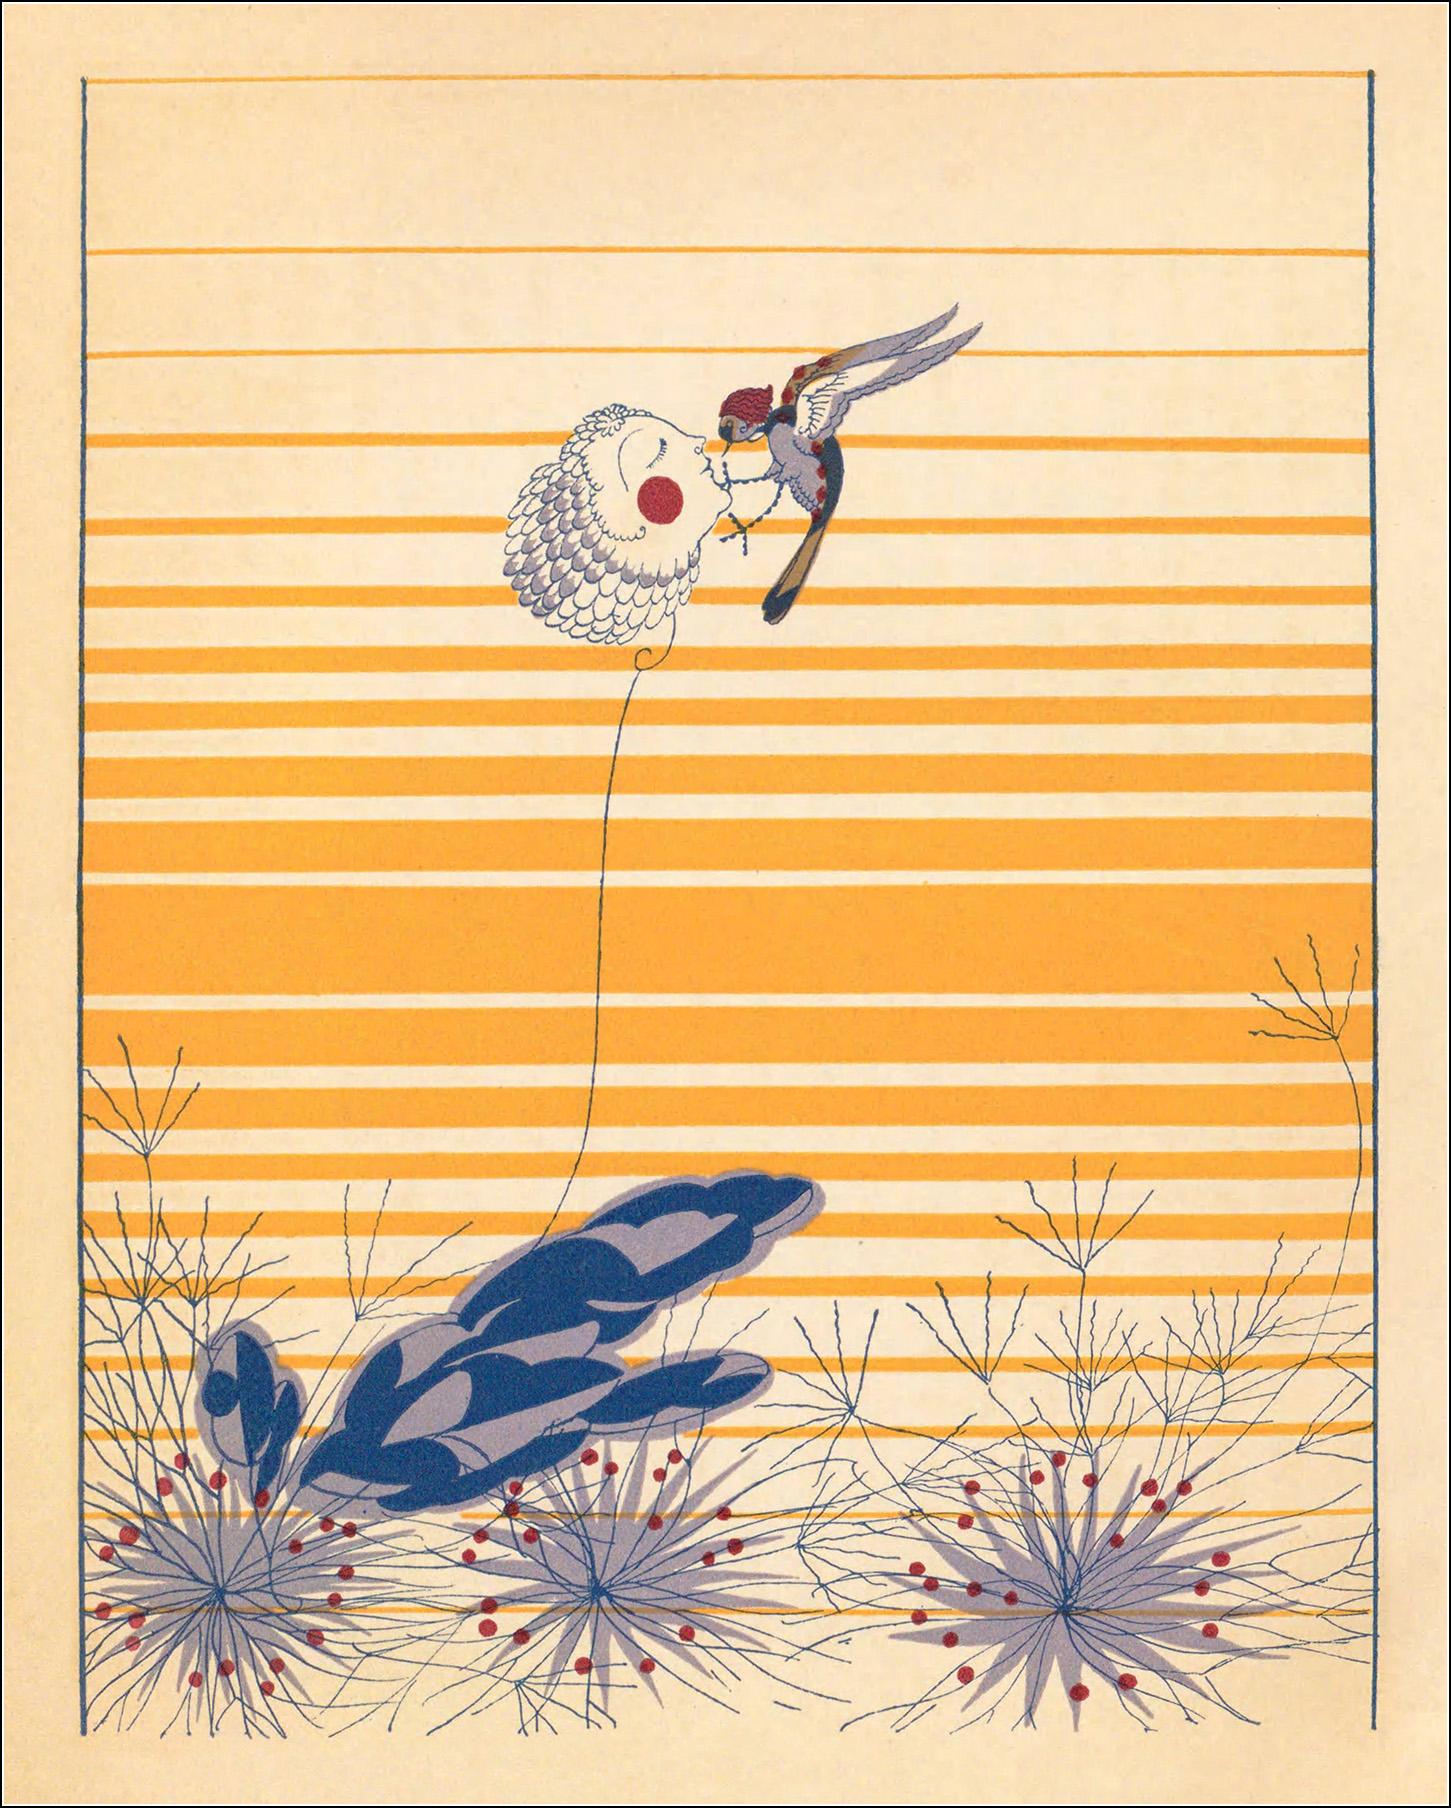 Shigeru Hatsuyama, Andersen